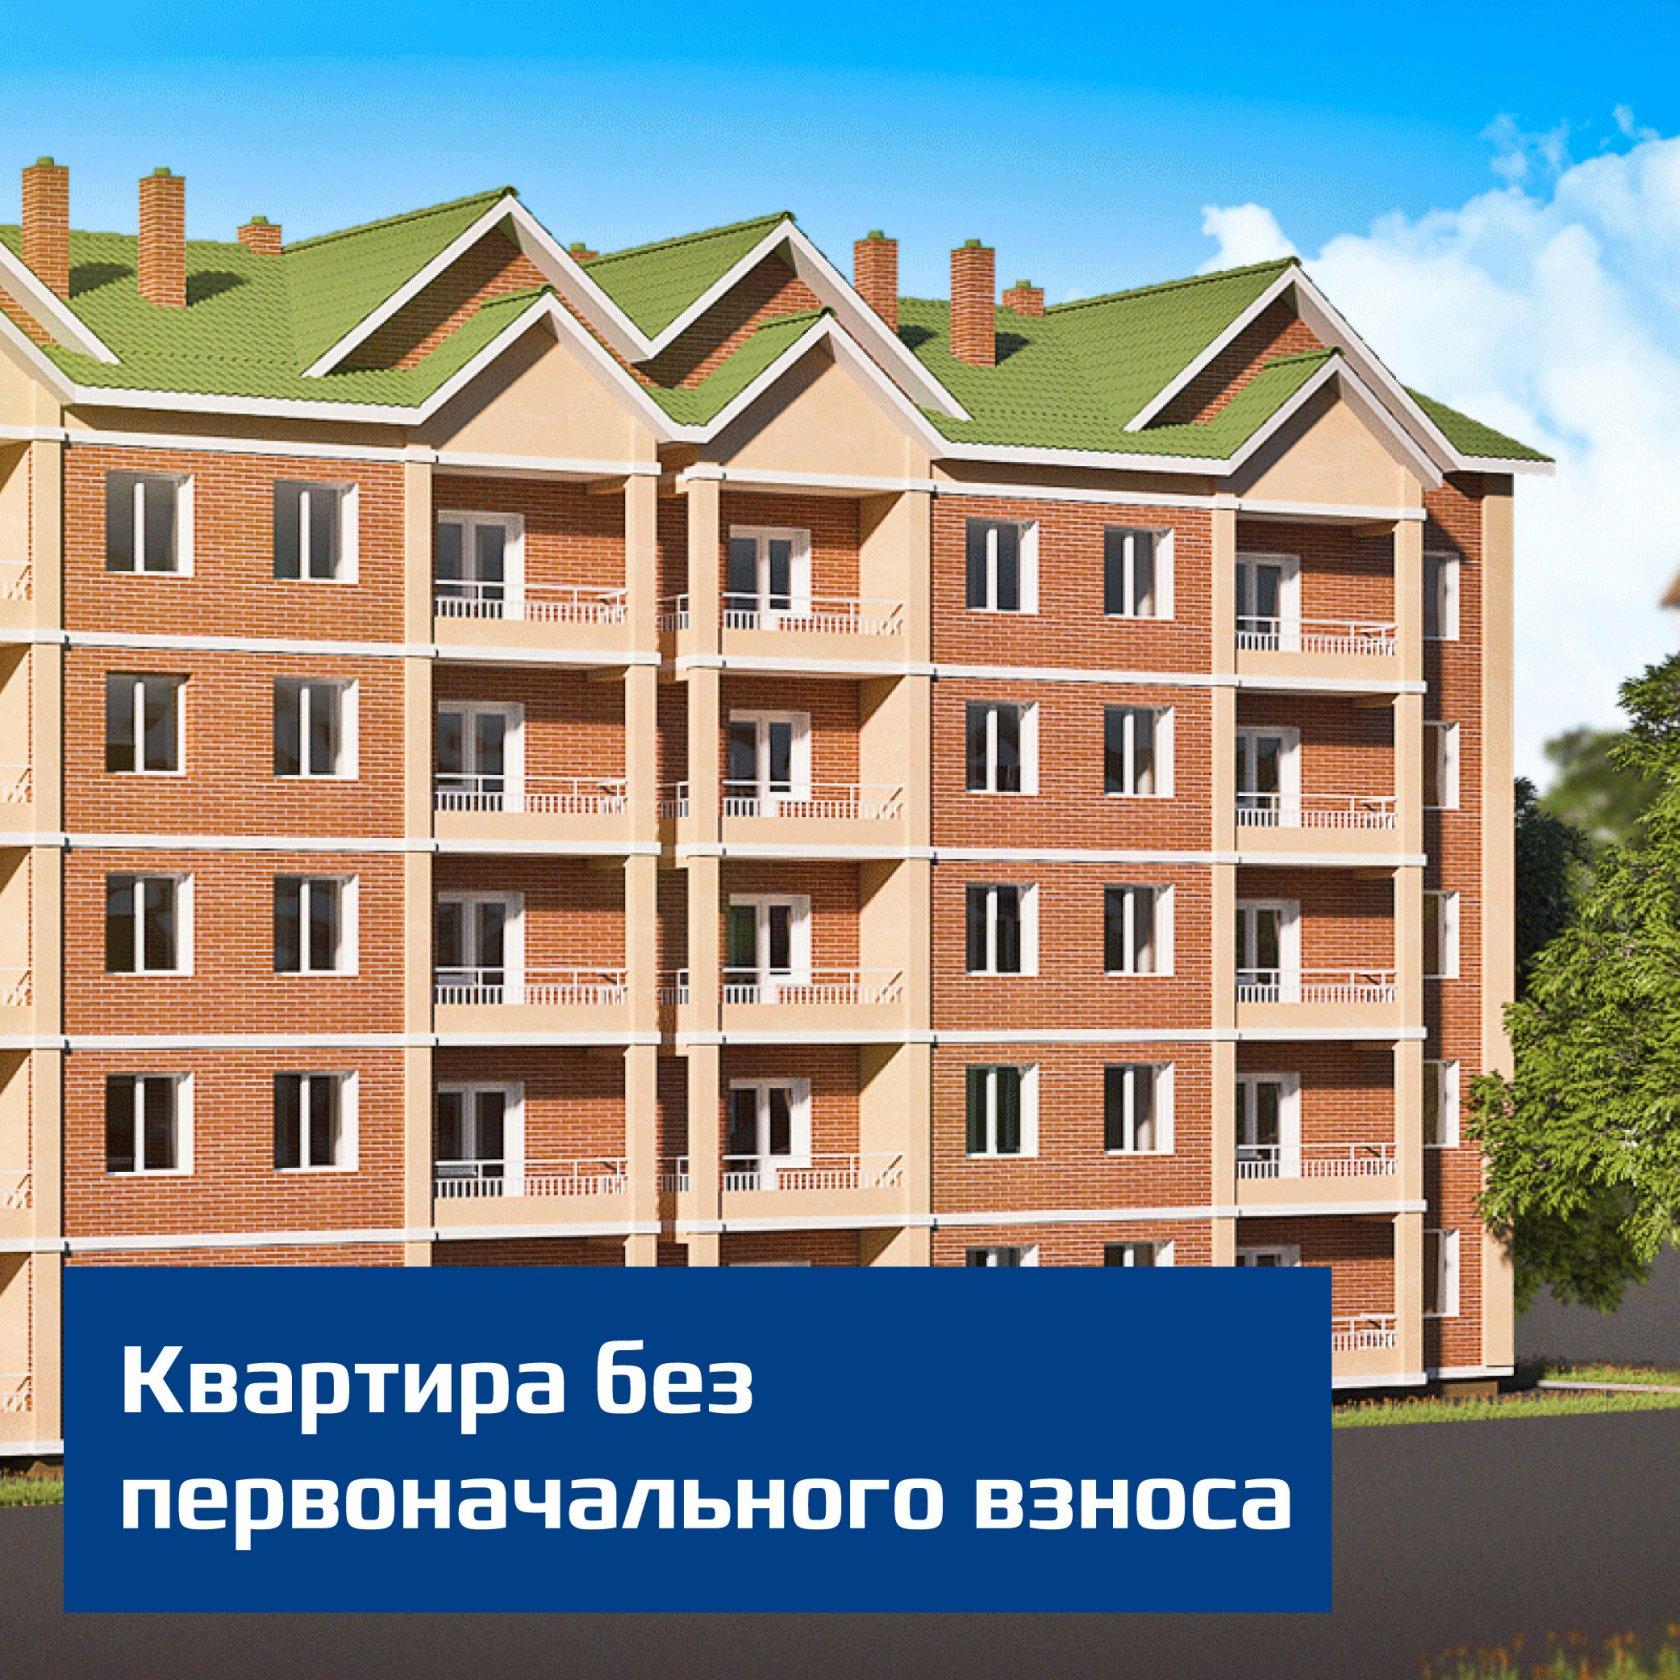 Скажи новостройки в новосибирске ипотека без первоначального взноса в Какая ирония